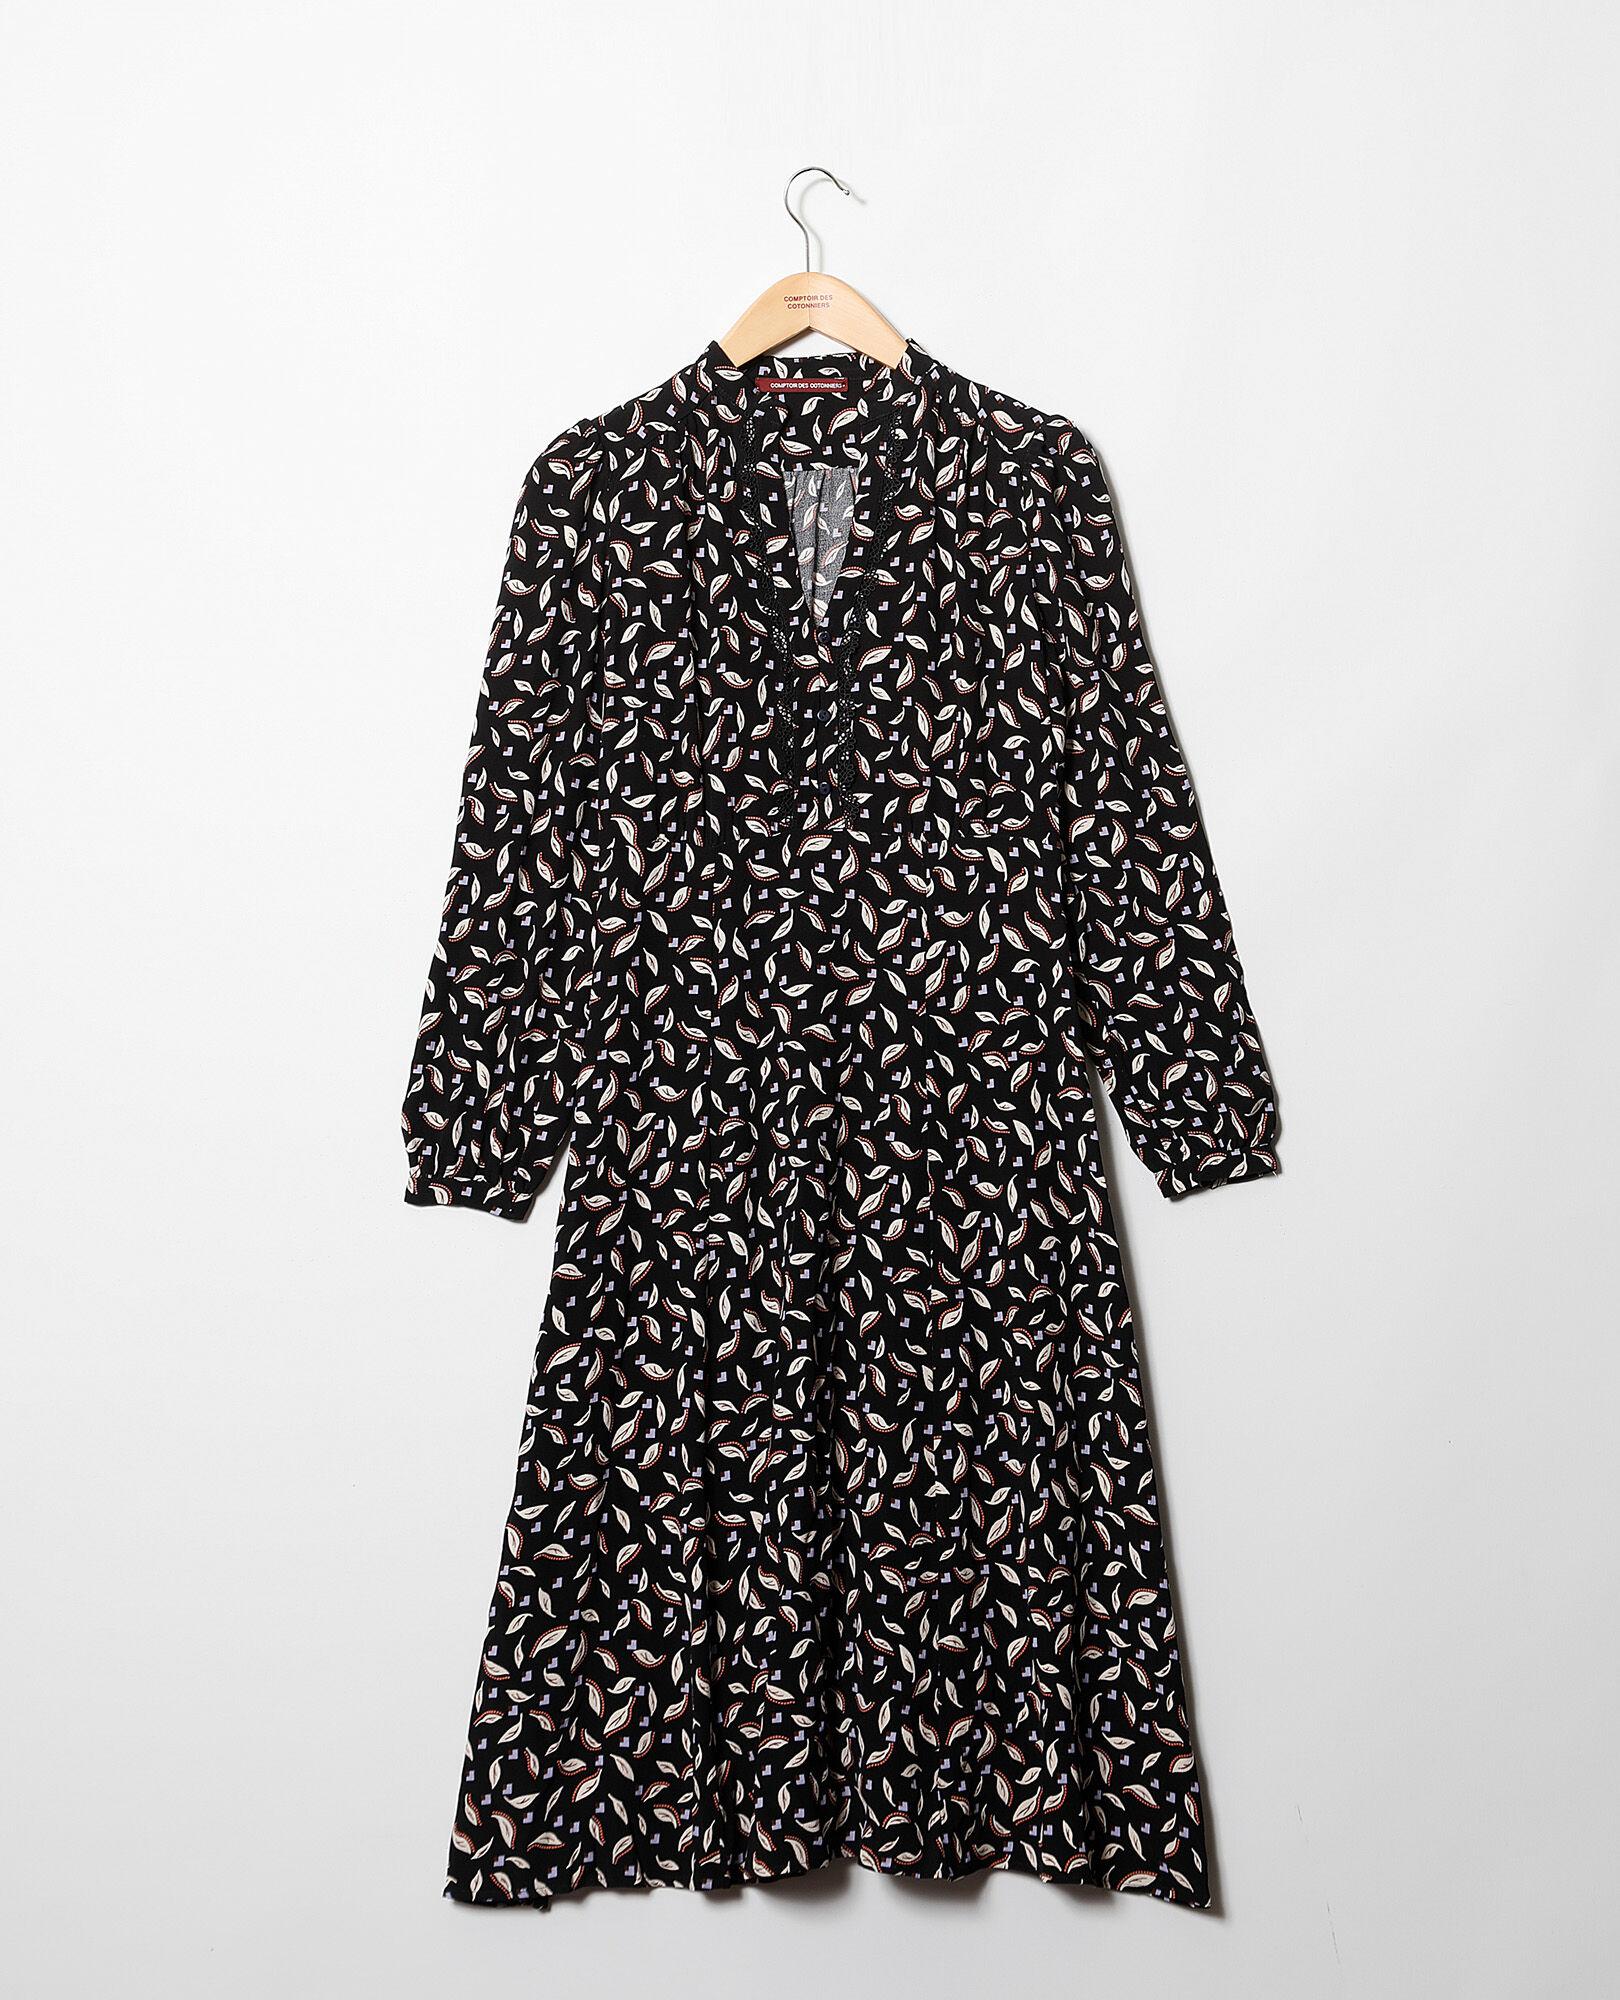 Gaetane Des Comptoir Robe Cotonniers Noir Imprimée pEwxq0Ix4